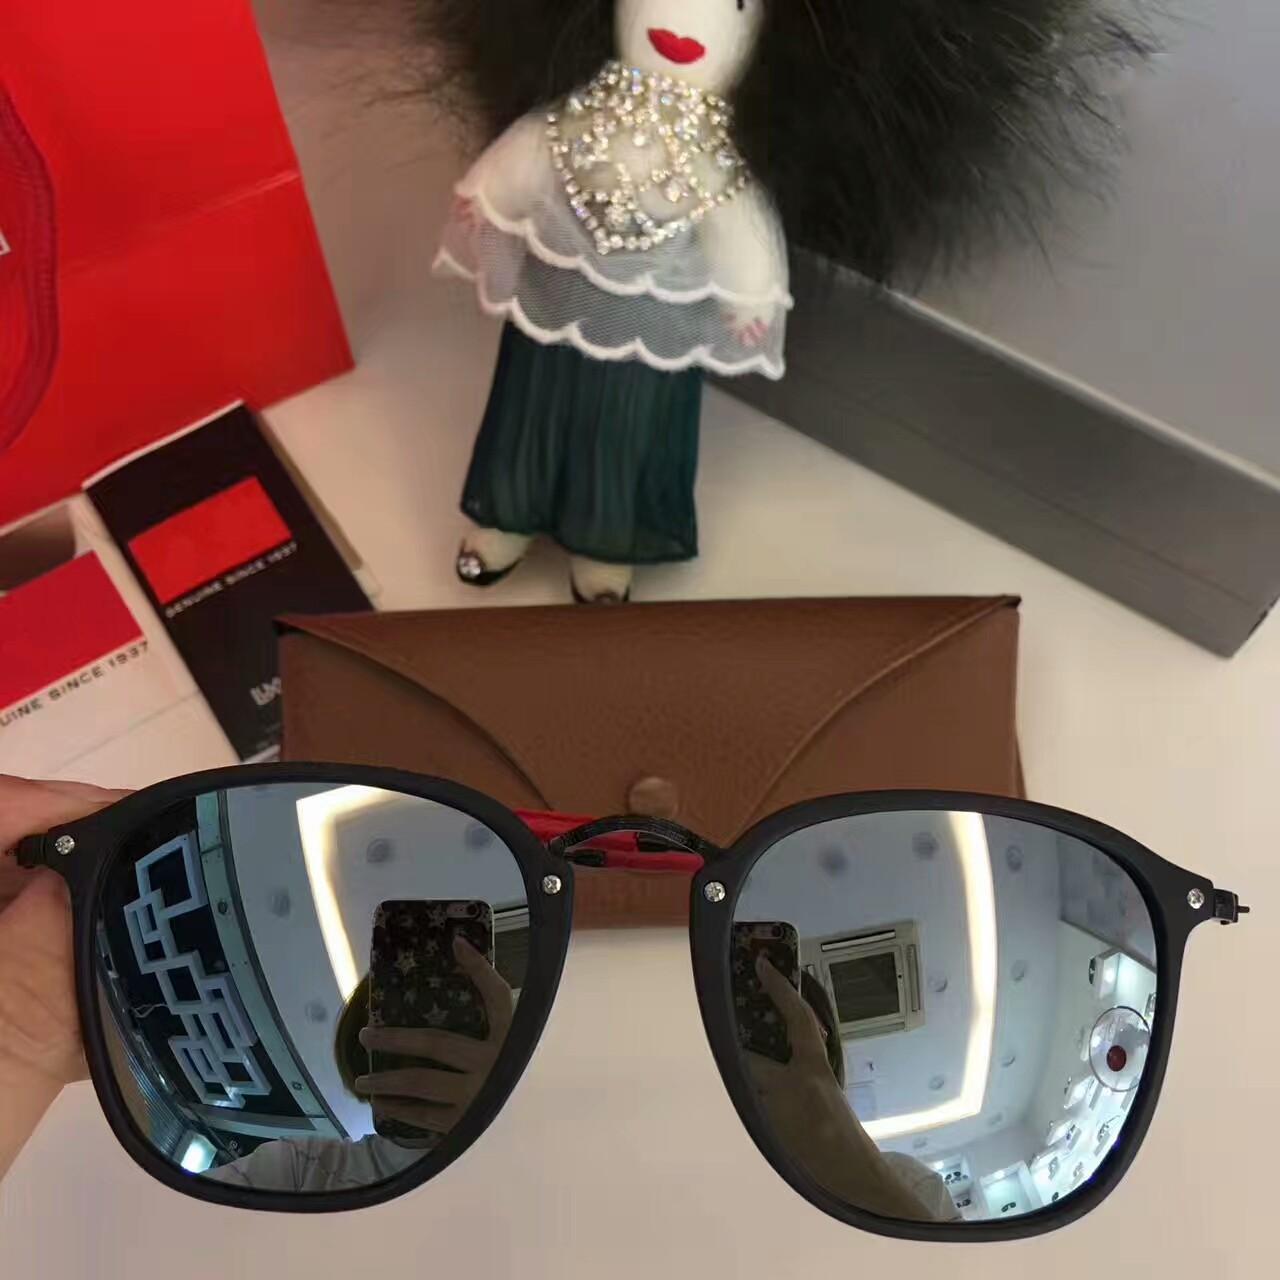 Nuevas gafas de sol de diseñador para hombre gafas de sol para mujer gafas de sol de diseñador de marca gafas de sol de protección UV gafas de sol de verano con estuche original